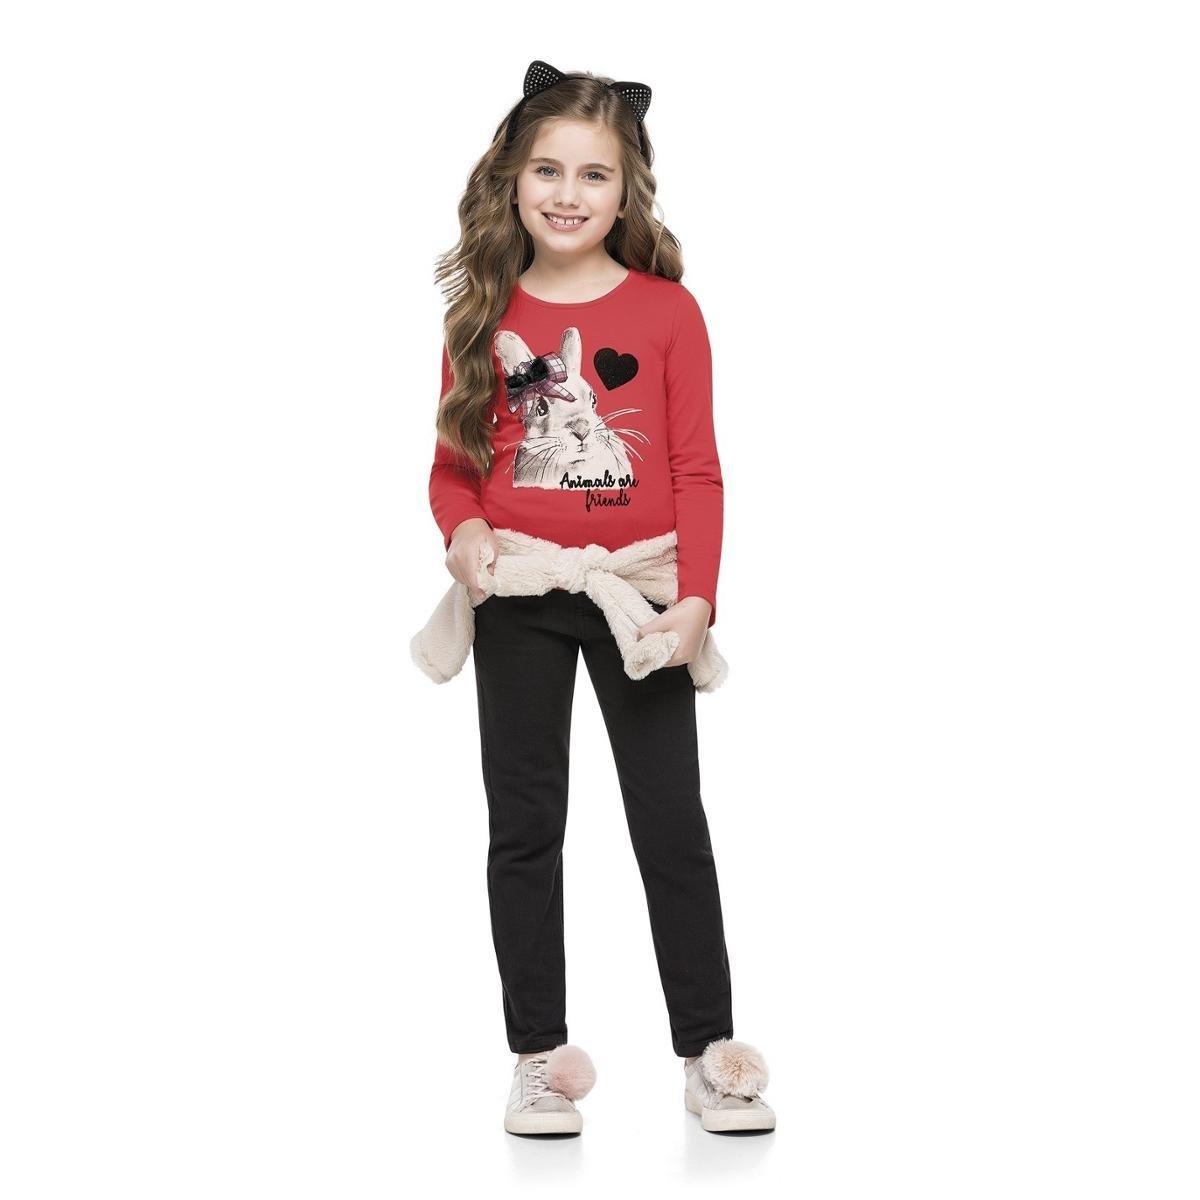 Blusa Manga Longa Infantil Cotton Quimby Feminina - Vermelho ... f14964272dc